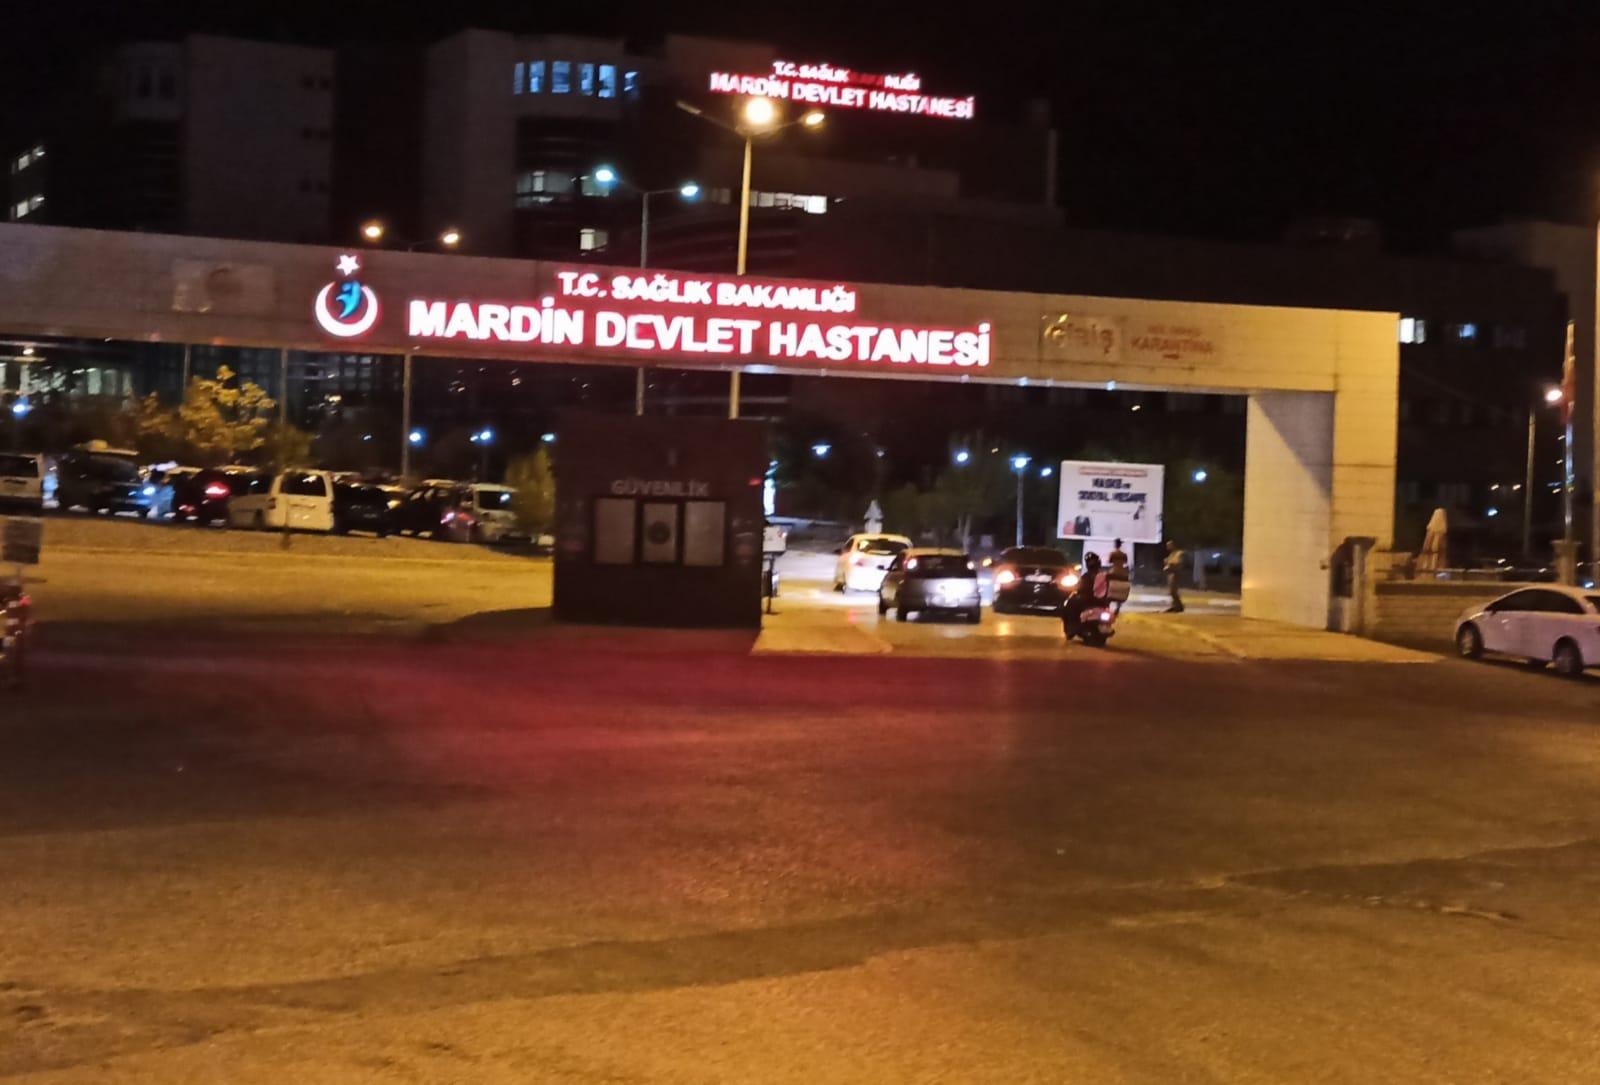 Mardin'de kardeşlerin bıçaklı kavgası: 2 yaralı